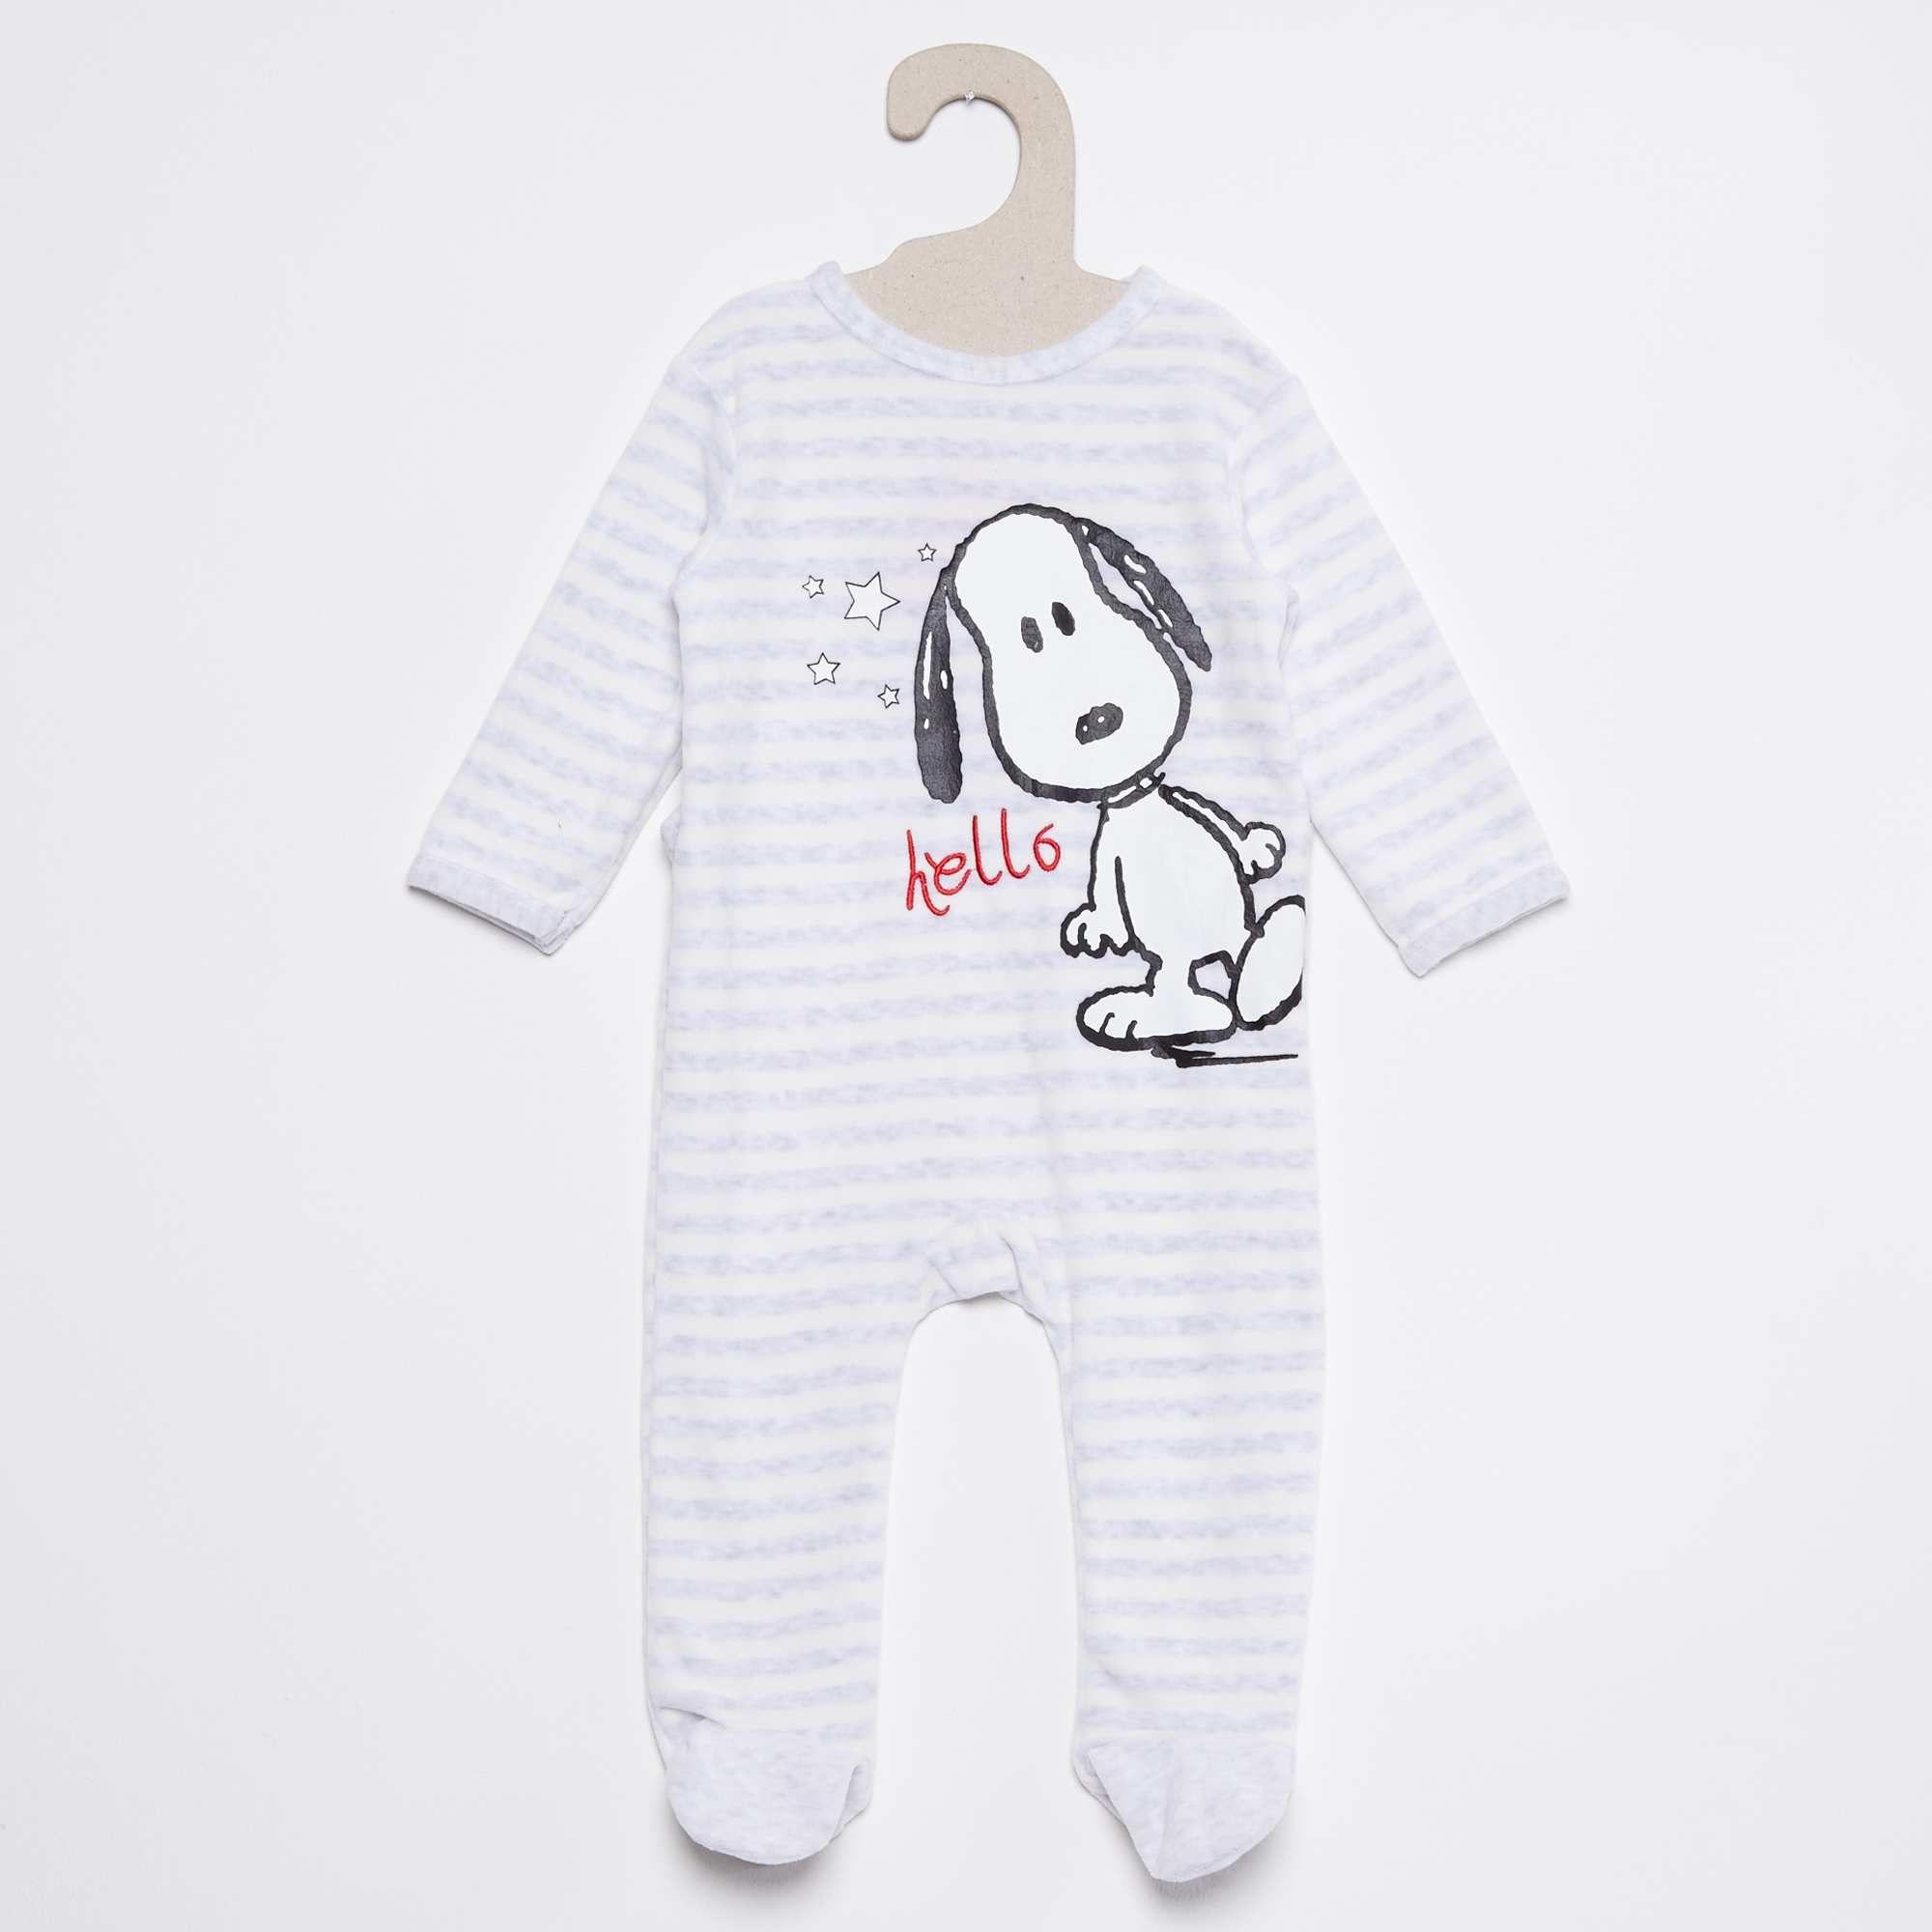 taglia 40 6f753 346cc Pigiama ciniglia 'Snoopy' bianco Neonato | Baby | Neonato ...